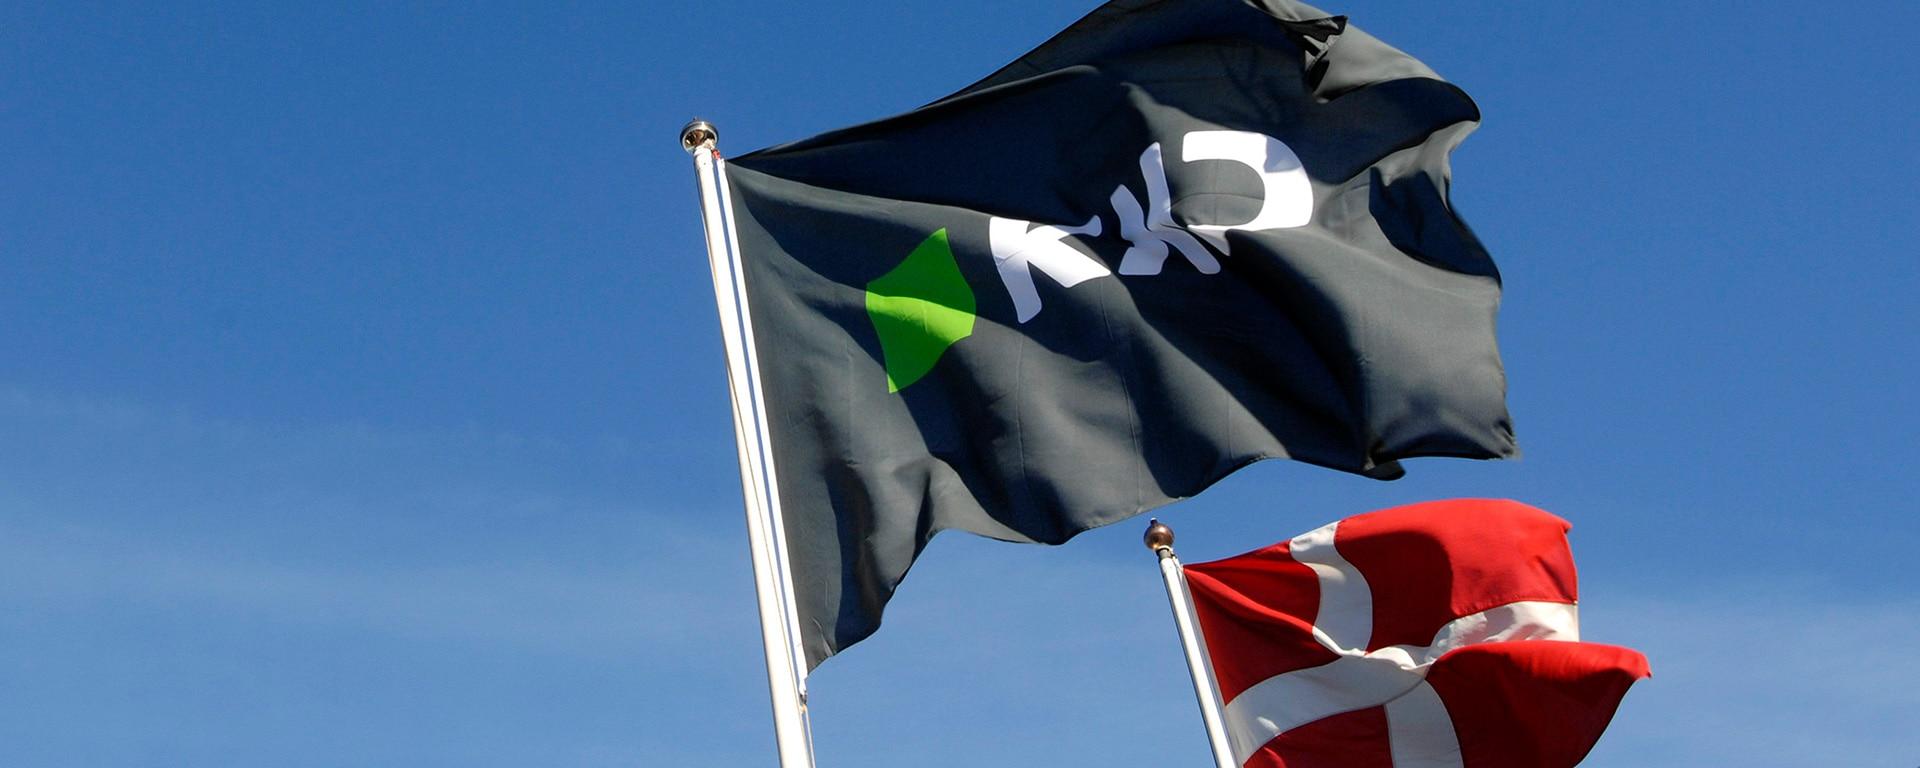 kmd logo denmark flags header